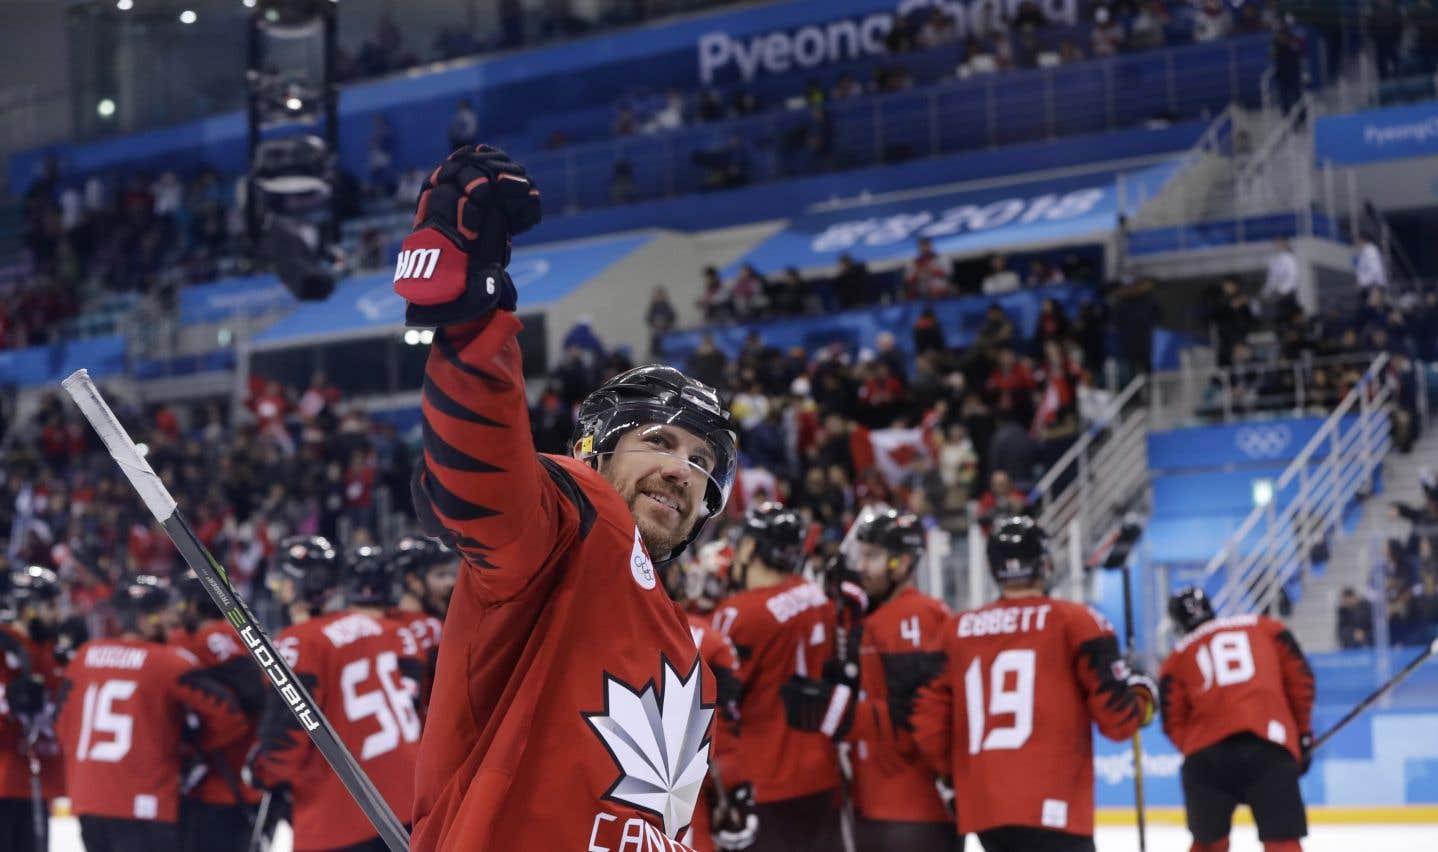 Le Canada affrontera l'Allemagne en demi-finale.